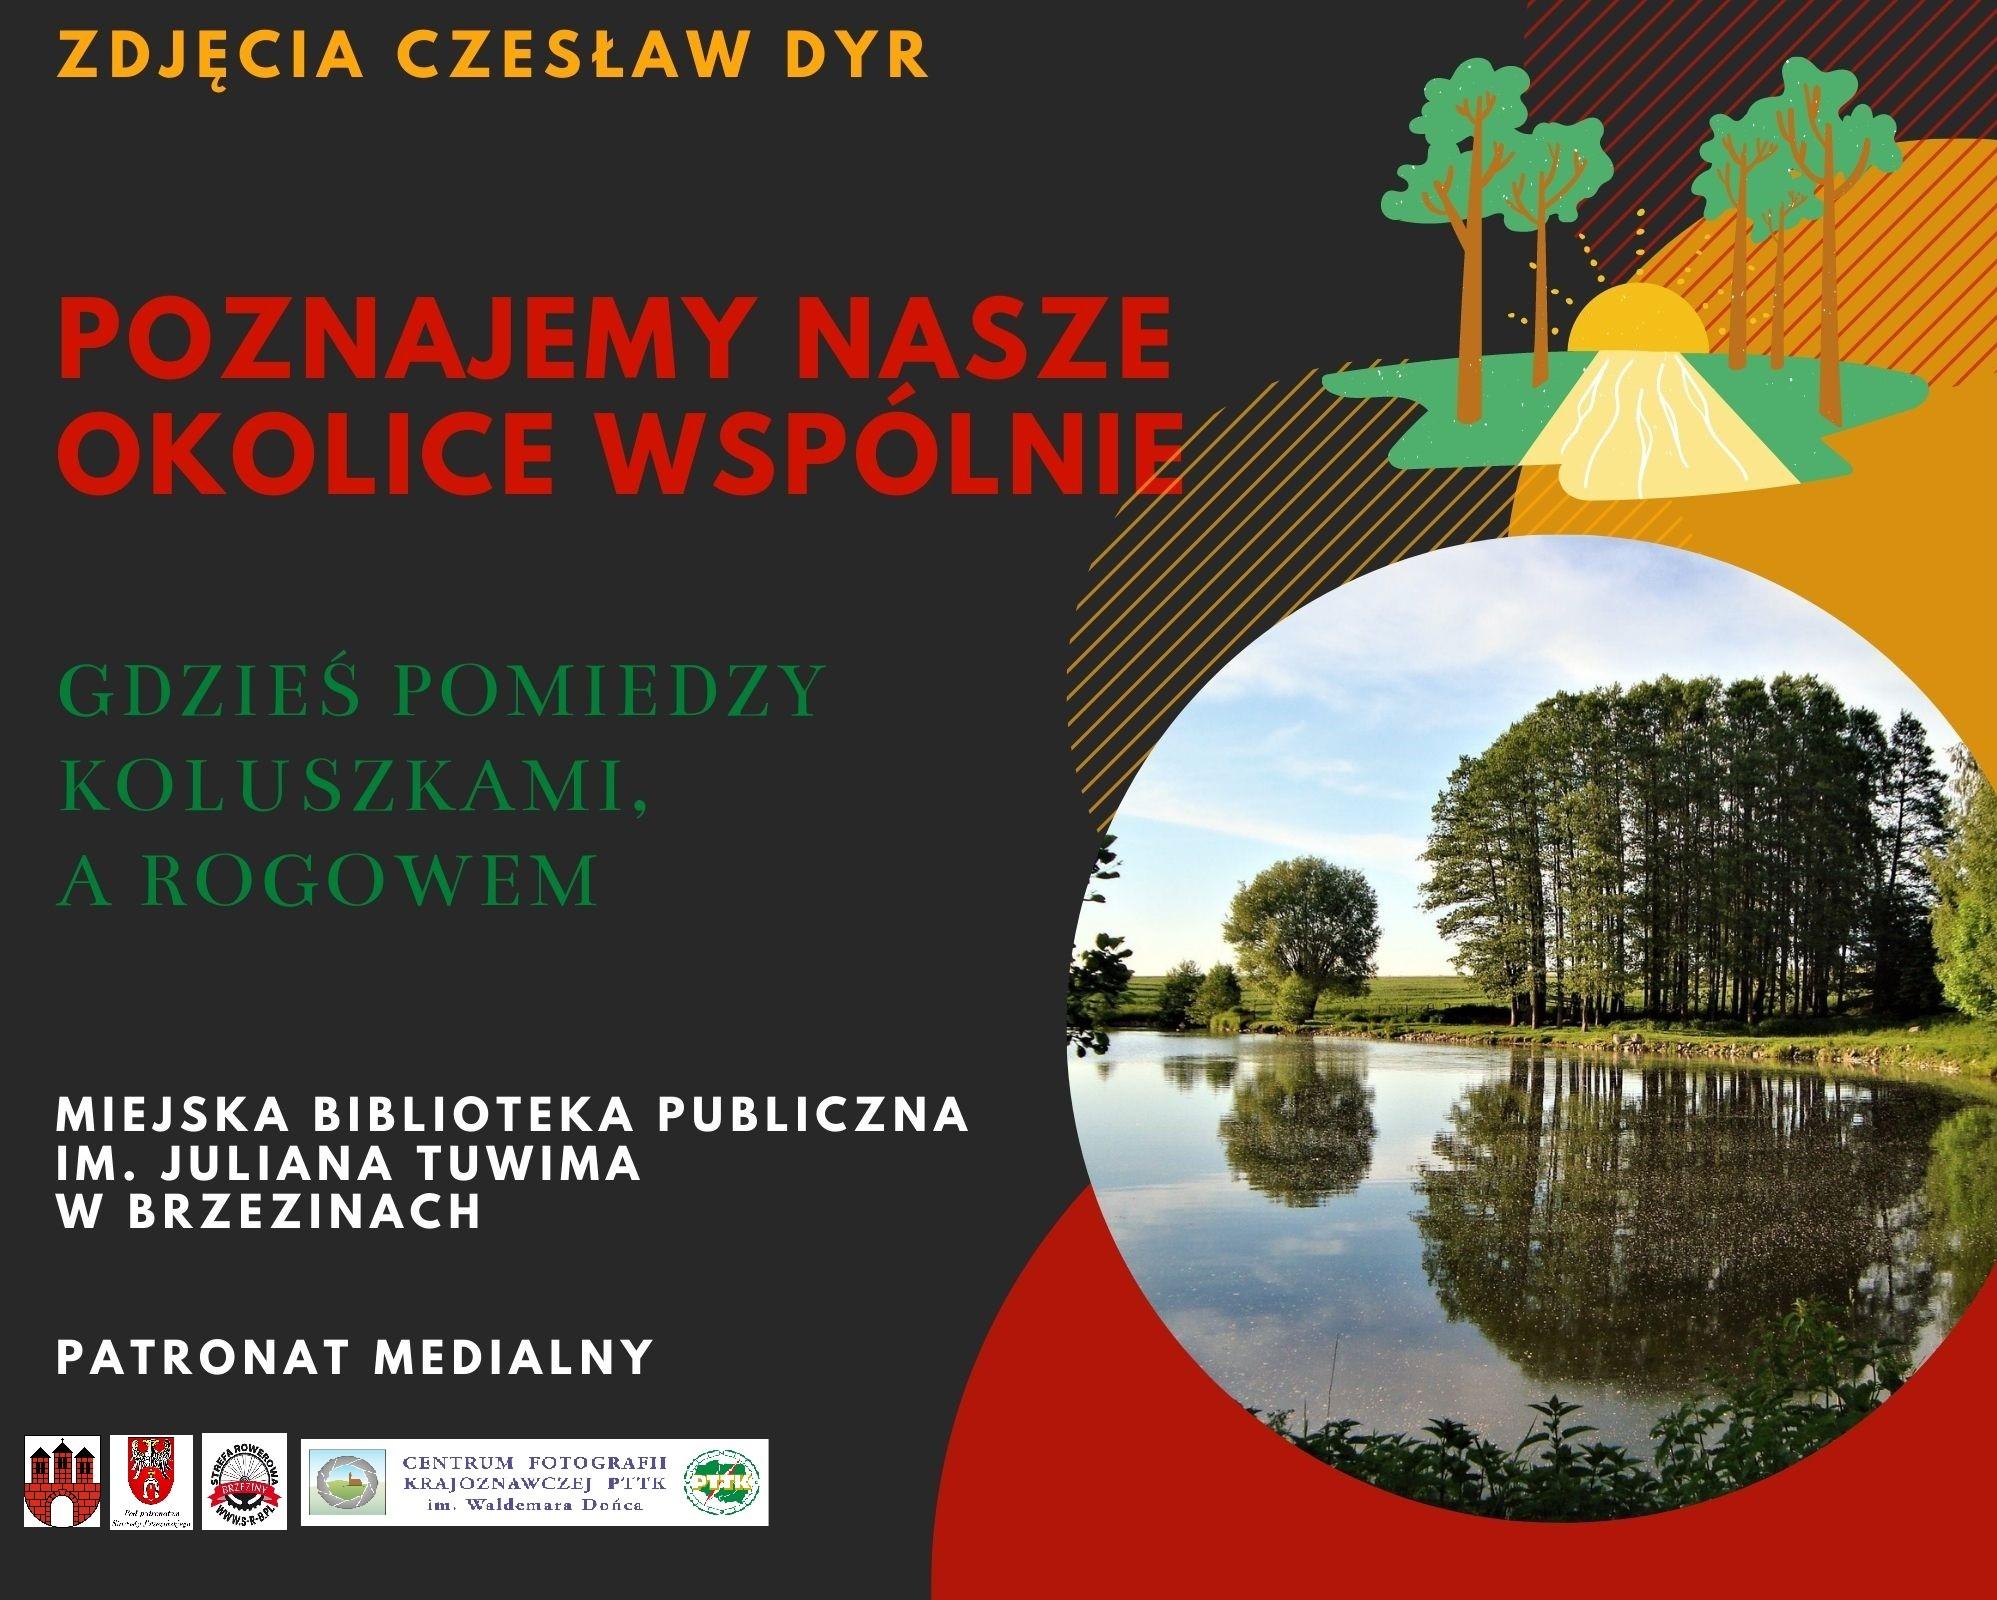 zdjecia-czeslaw-dyr1